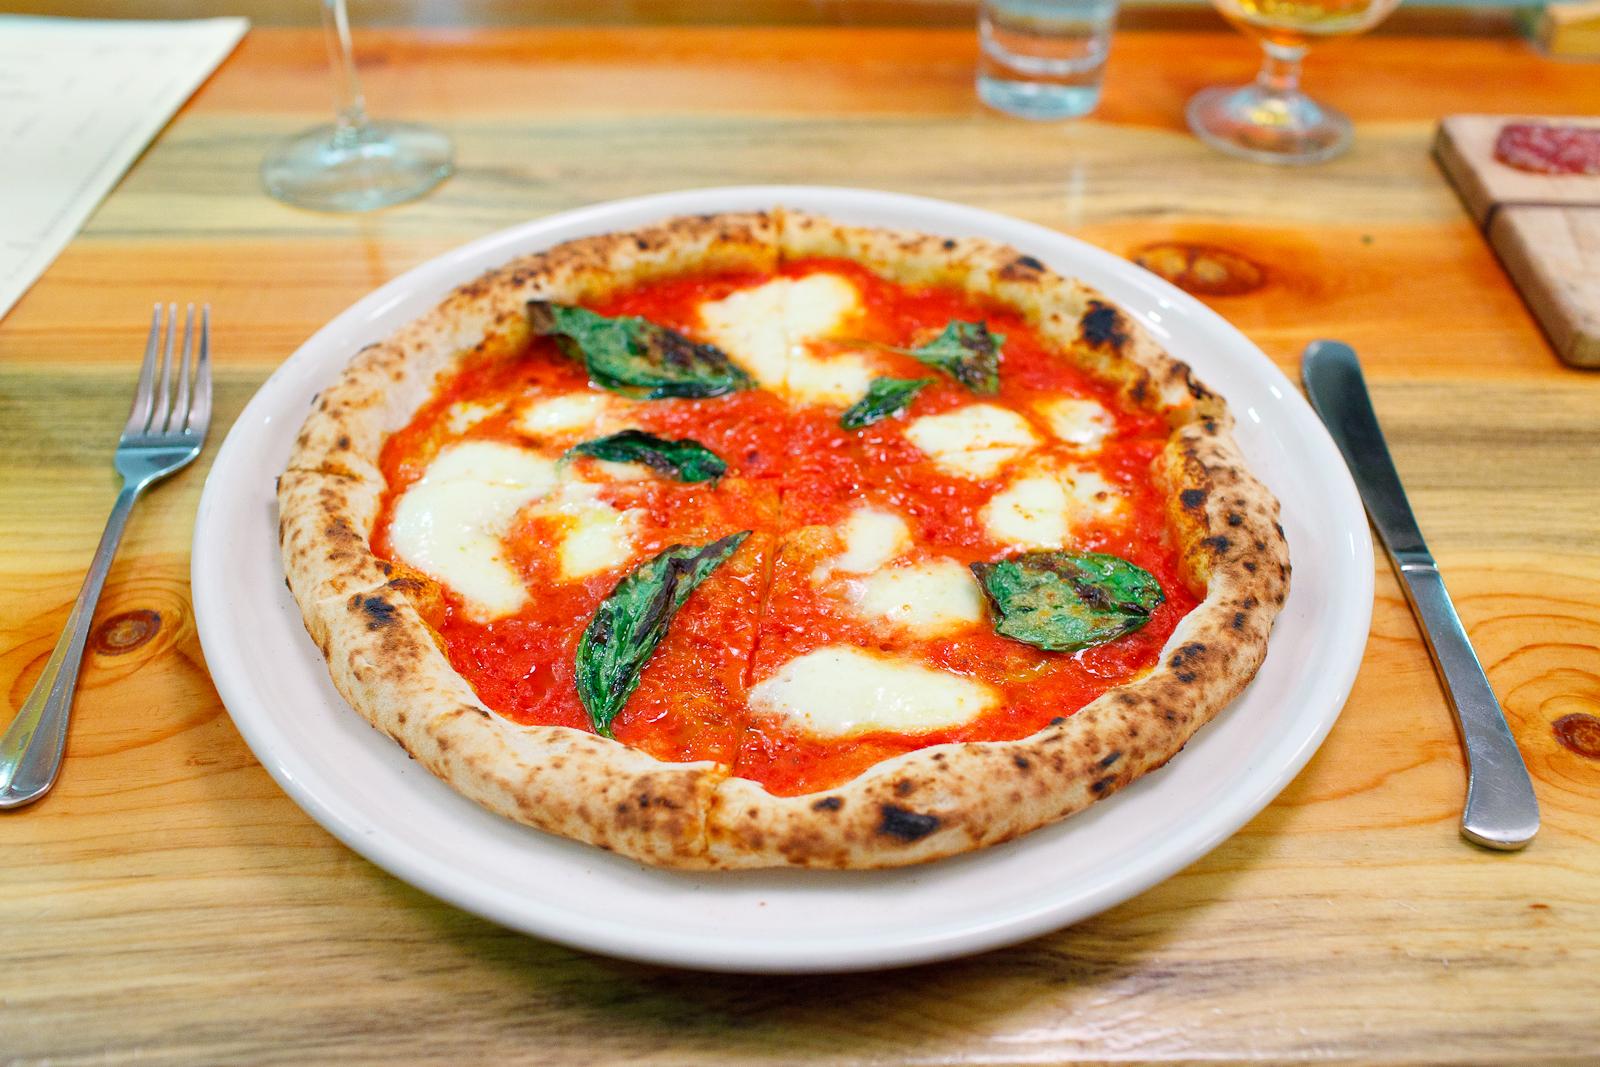 Pizza daisy - tomato sauce, mozzarella, basil, olive oil ($12)